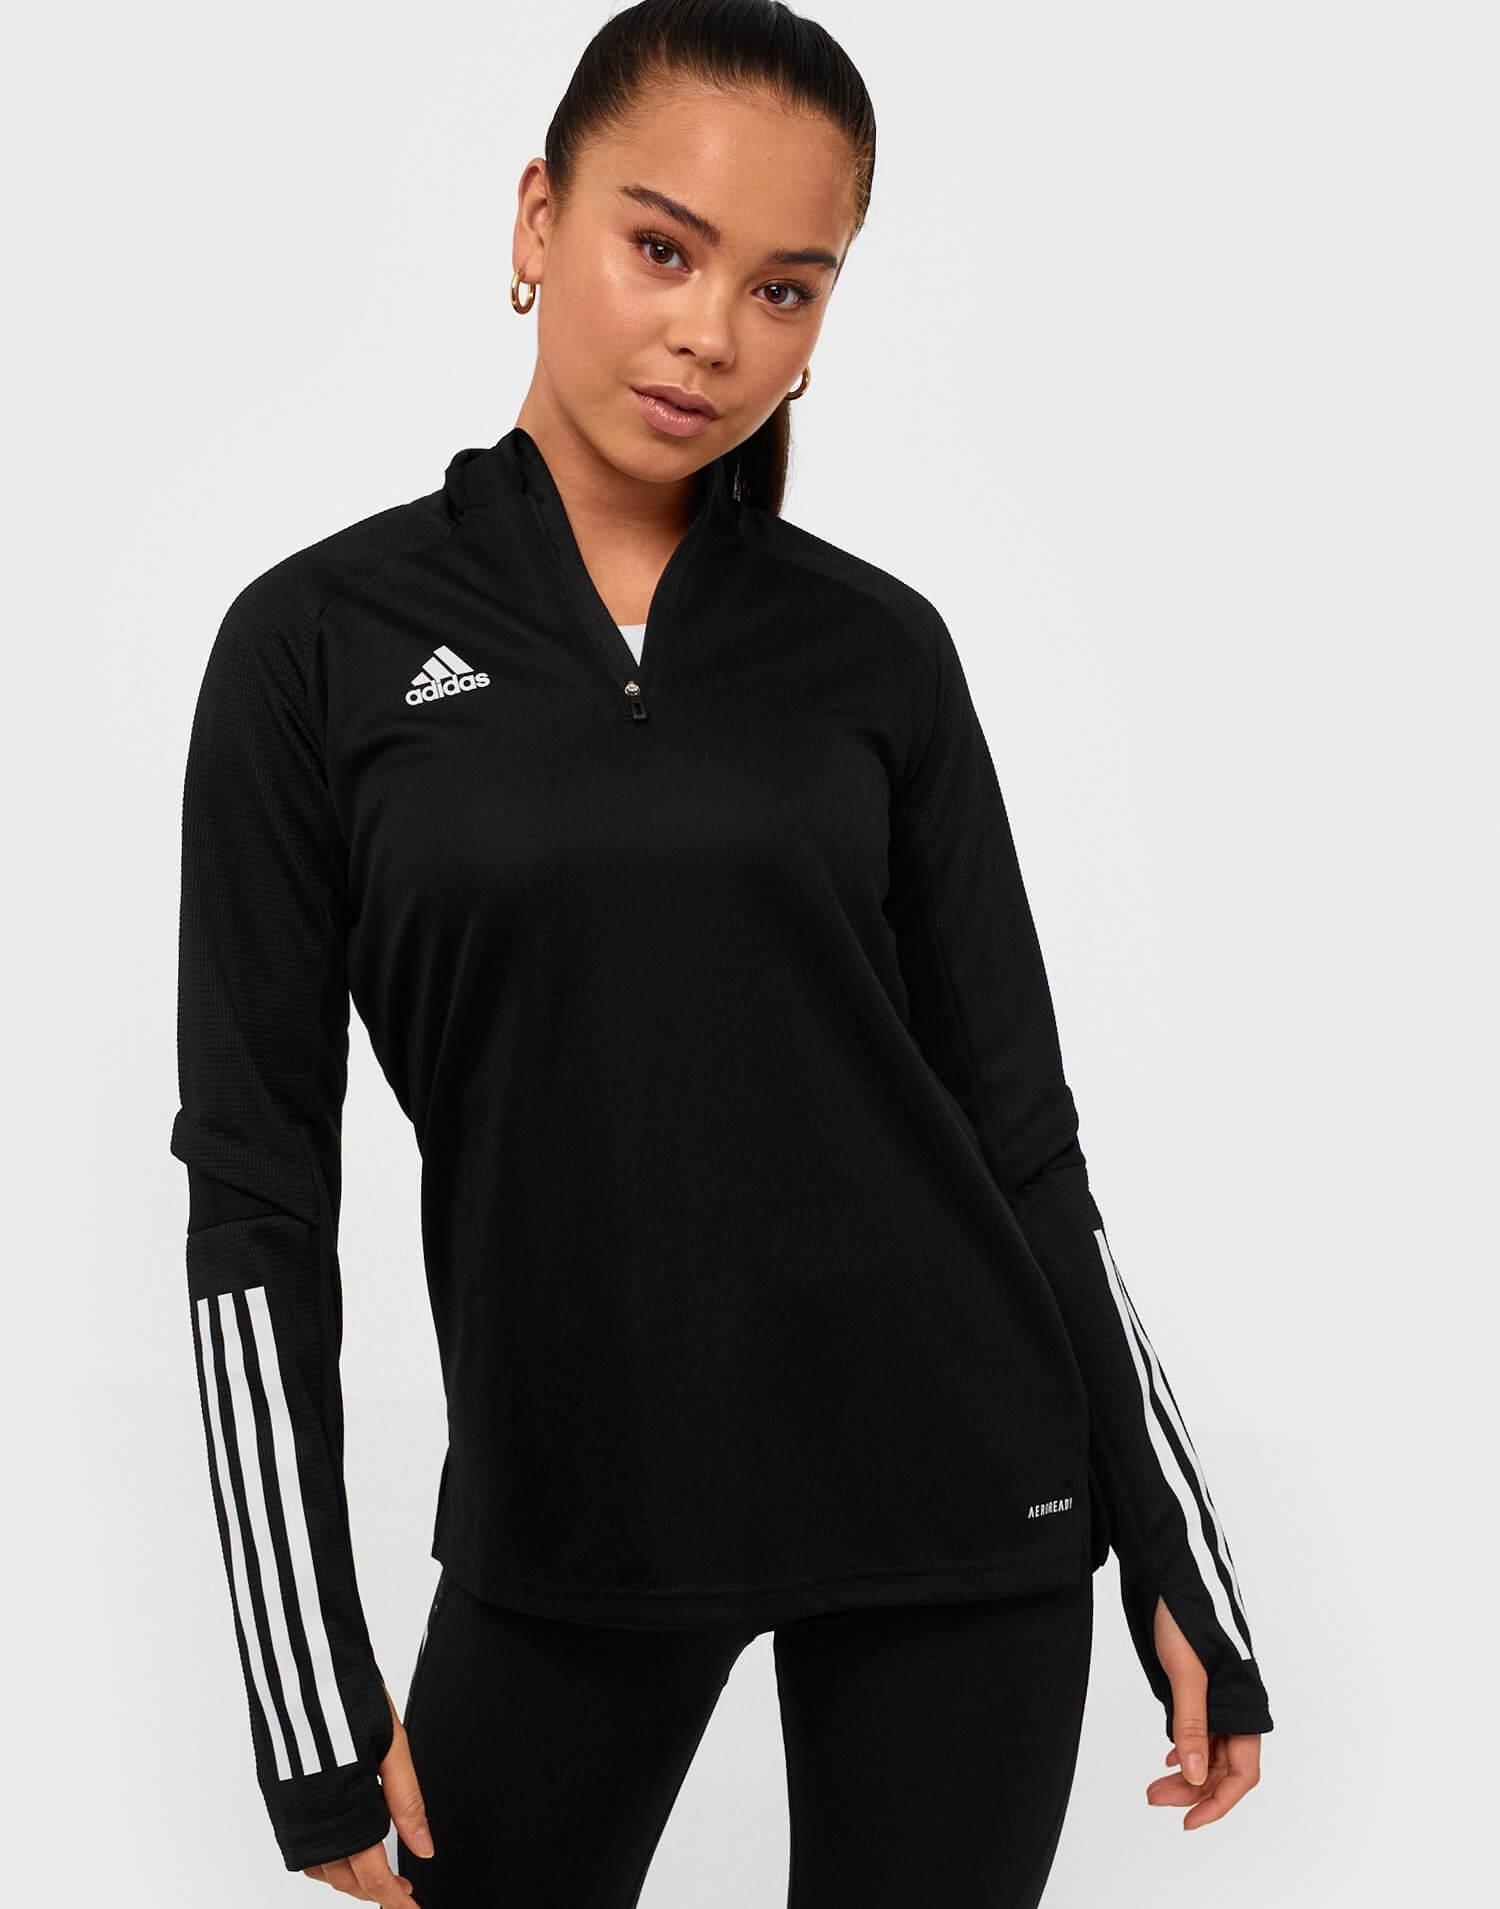 En svart träningströja från Adidas Sport Performance.